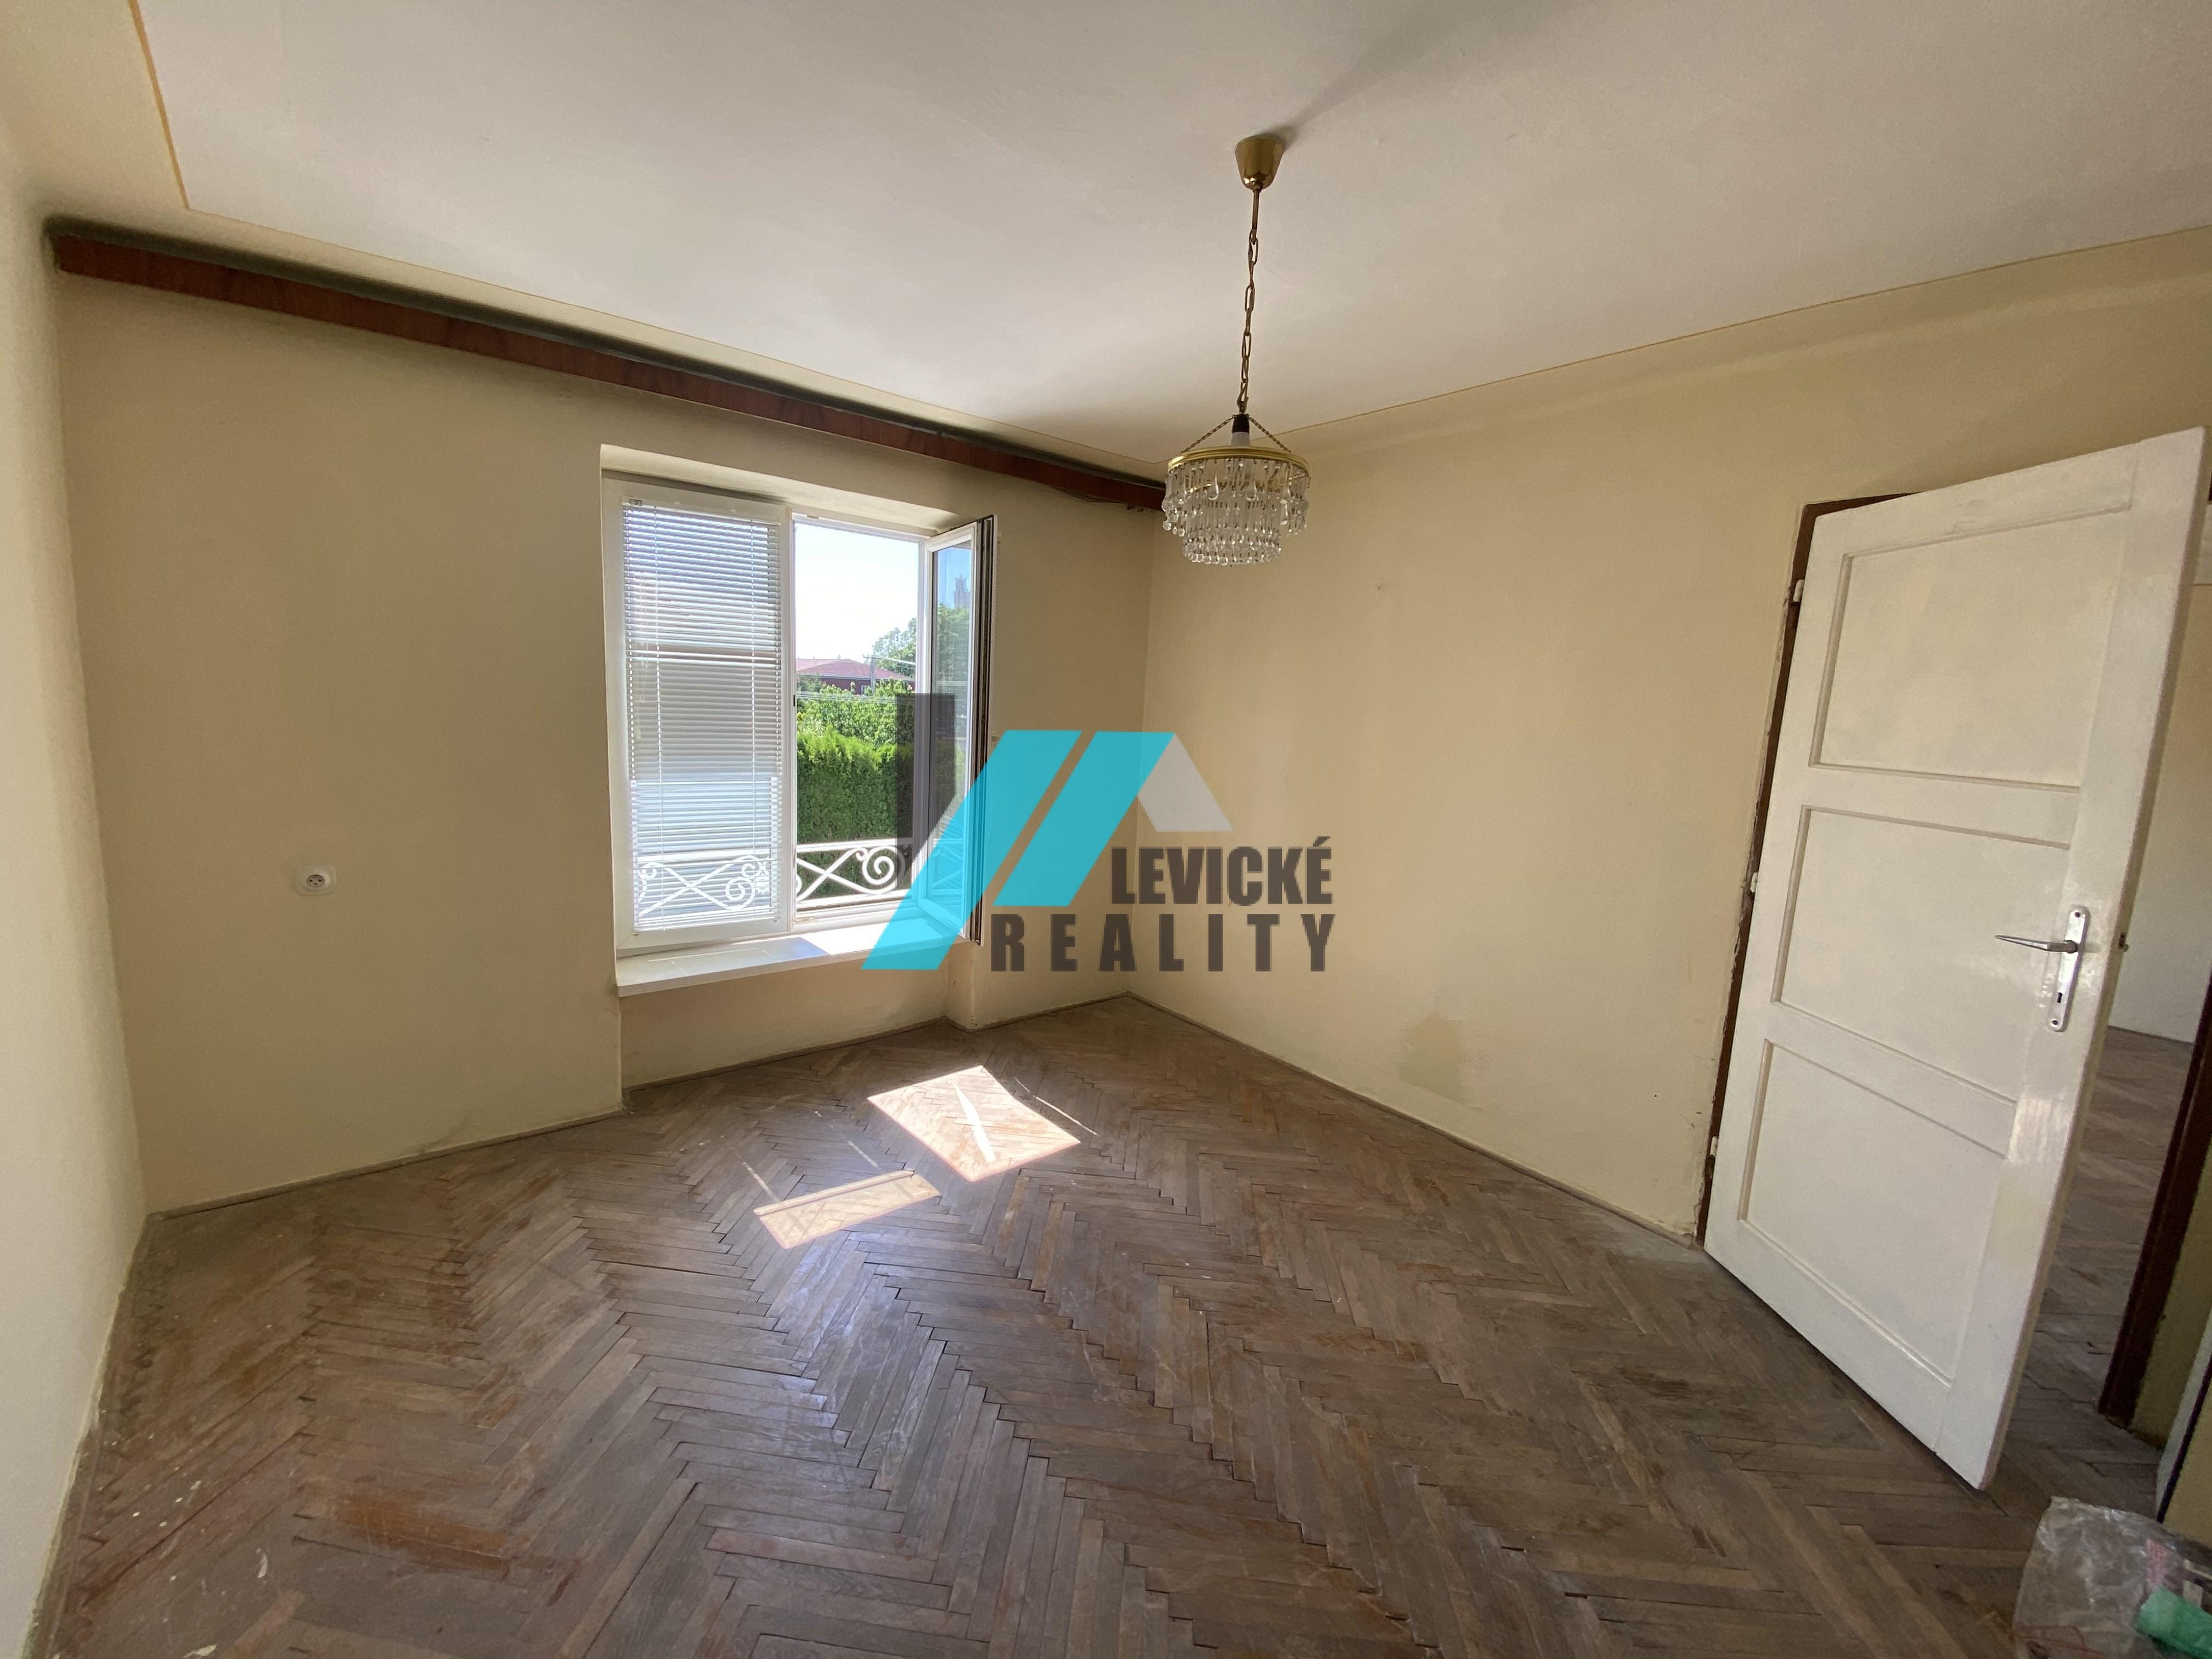 Exkluzívne iba u nás, ponúkame na predaj 2 izb byt v centre mesta Levice.